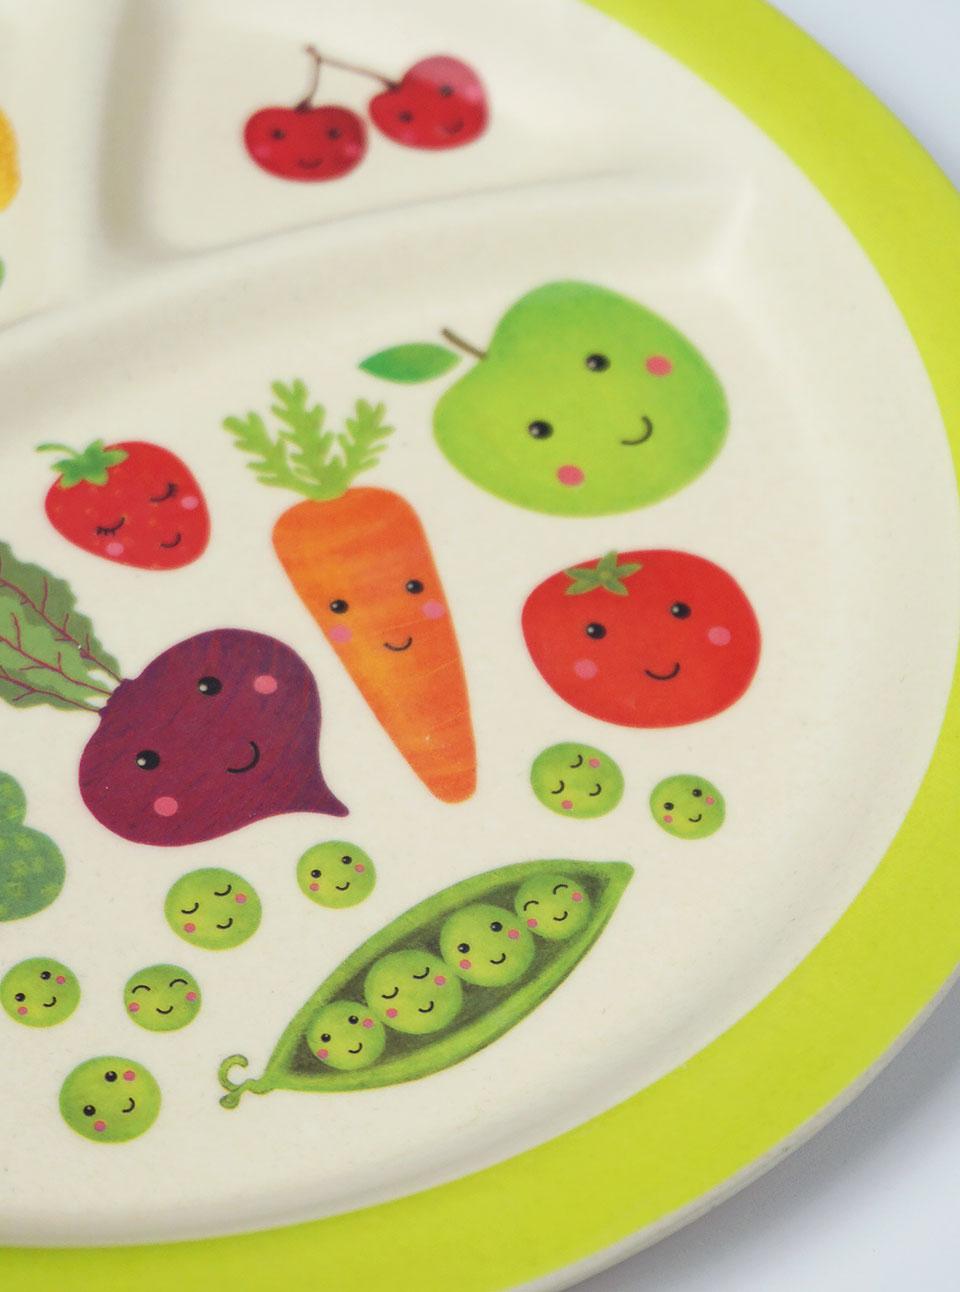 Diseño divertido para niños